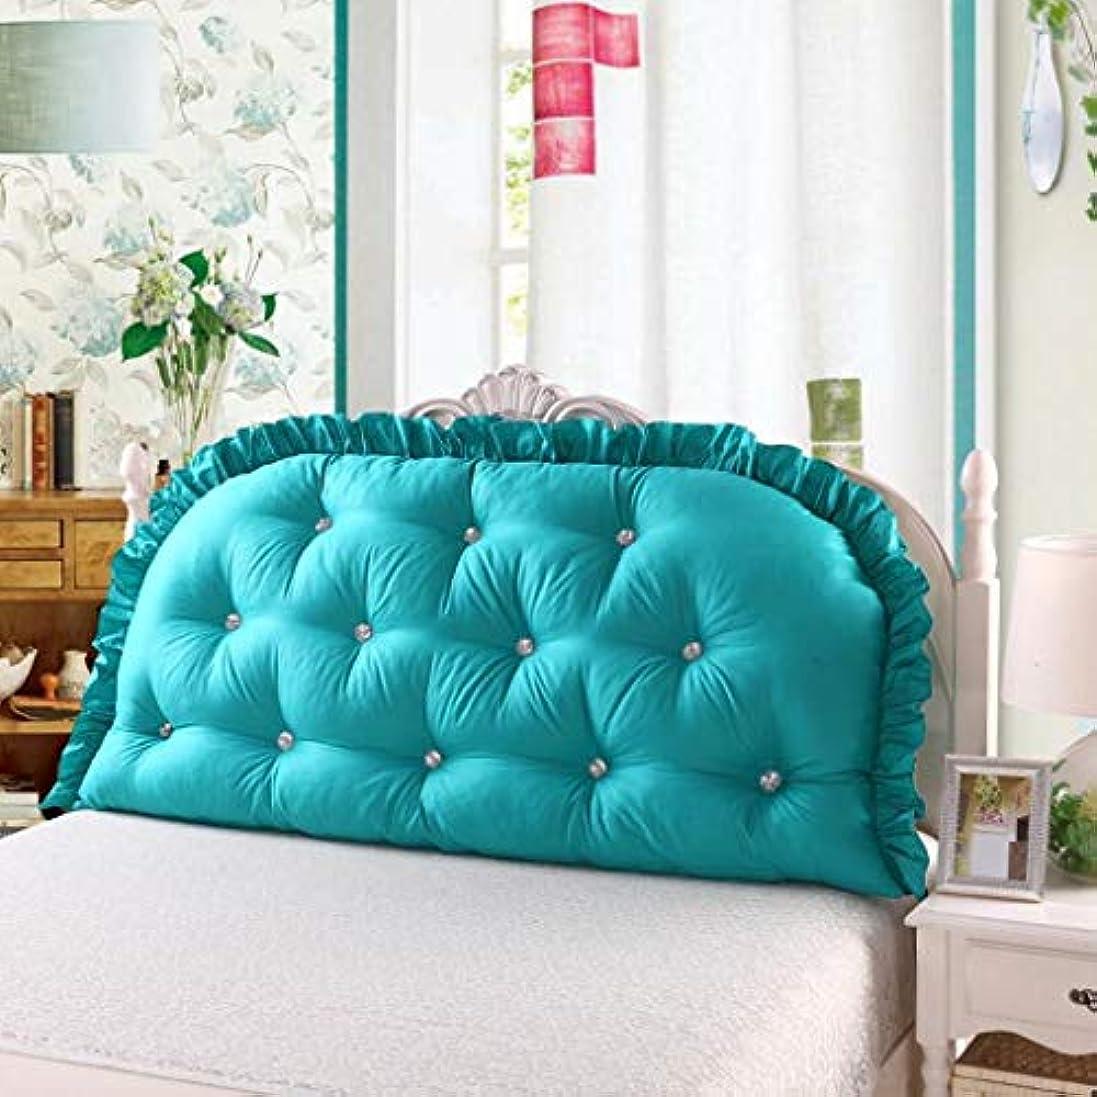 東ティモール失う中傷コットンプリンセスベッドサイドクッションマルチカラーオプションの大きなバックコットンベッドソフトバッグクッションダブル枕取り外し可能と洗える Zsetop (Color : C, Size : 150*80cm)